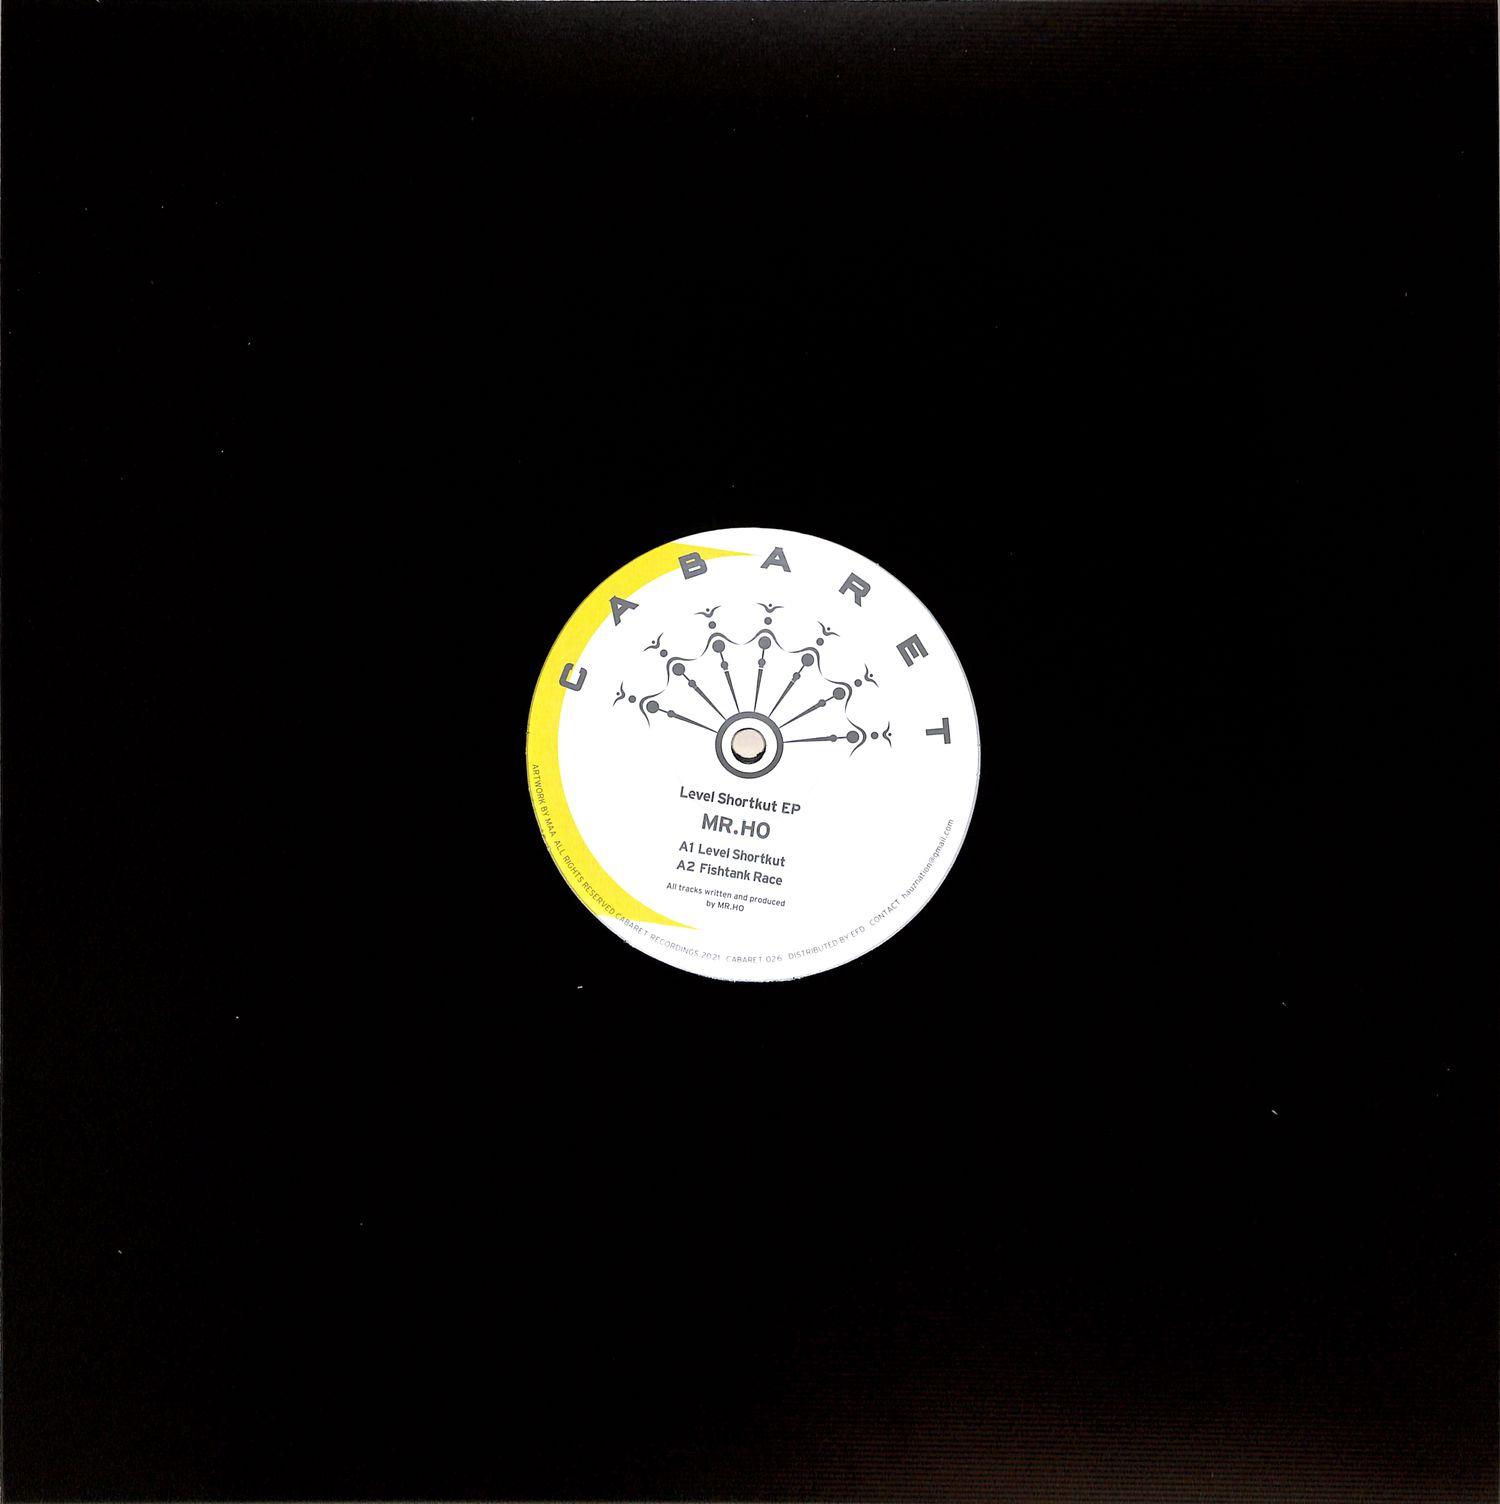 MR.HO - LEVEL SHORTKUT EP